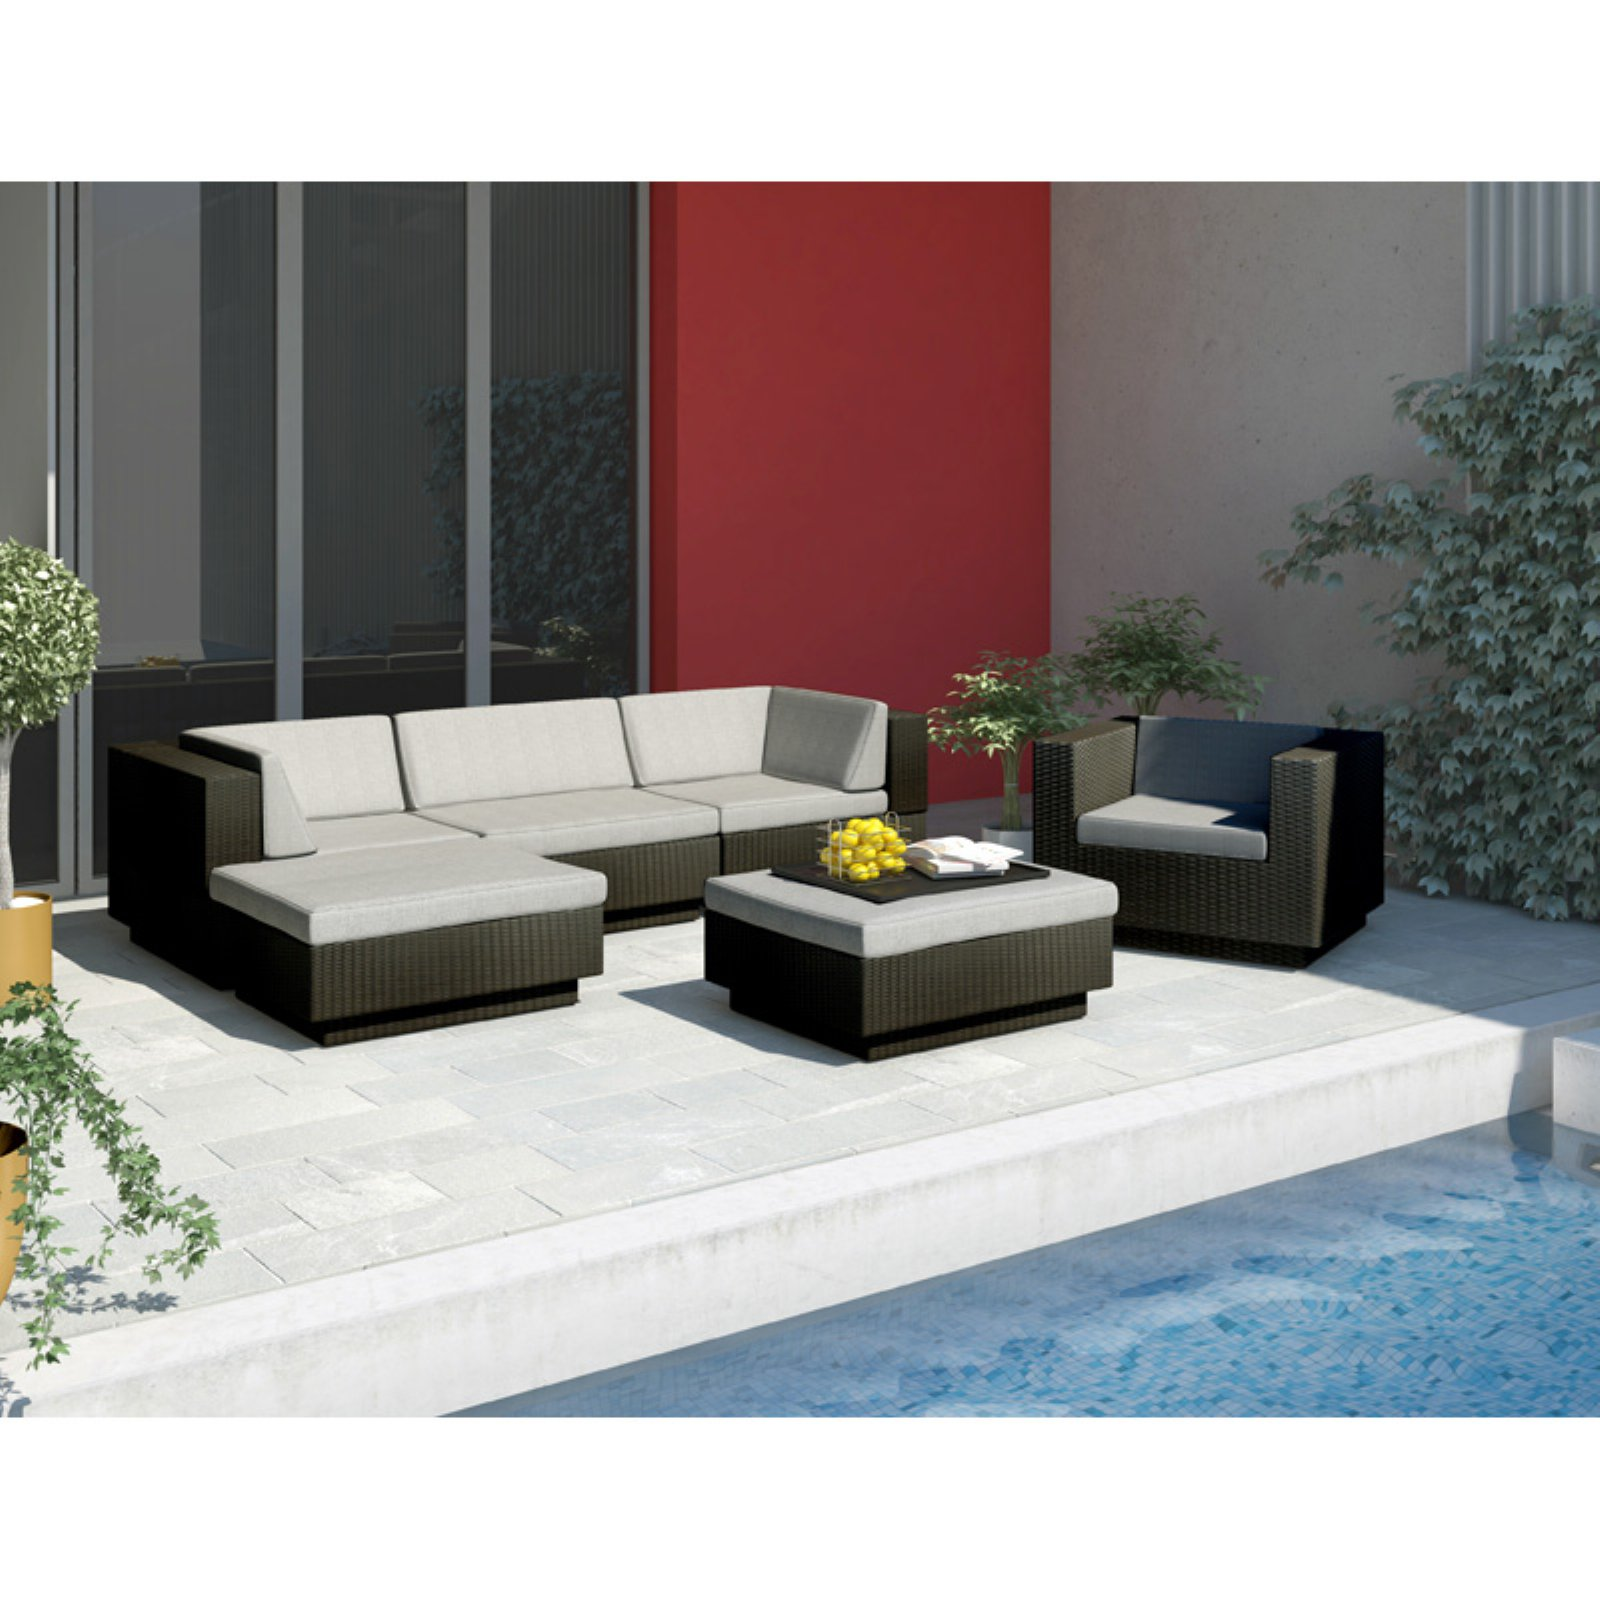 CorLiving Park Terrace Textured Black Sectional Patio Set - 6 piece